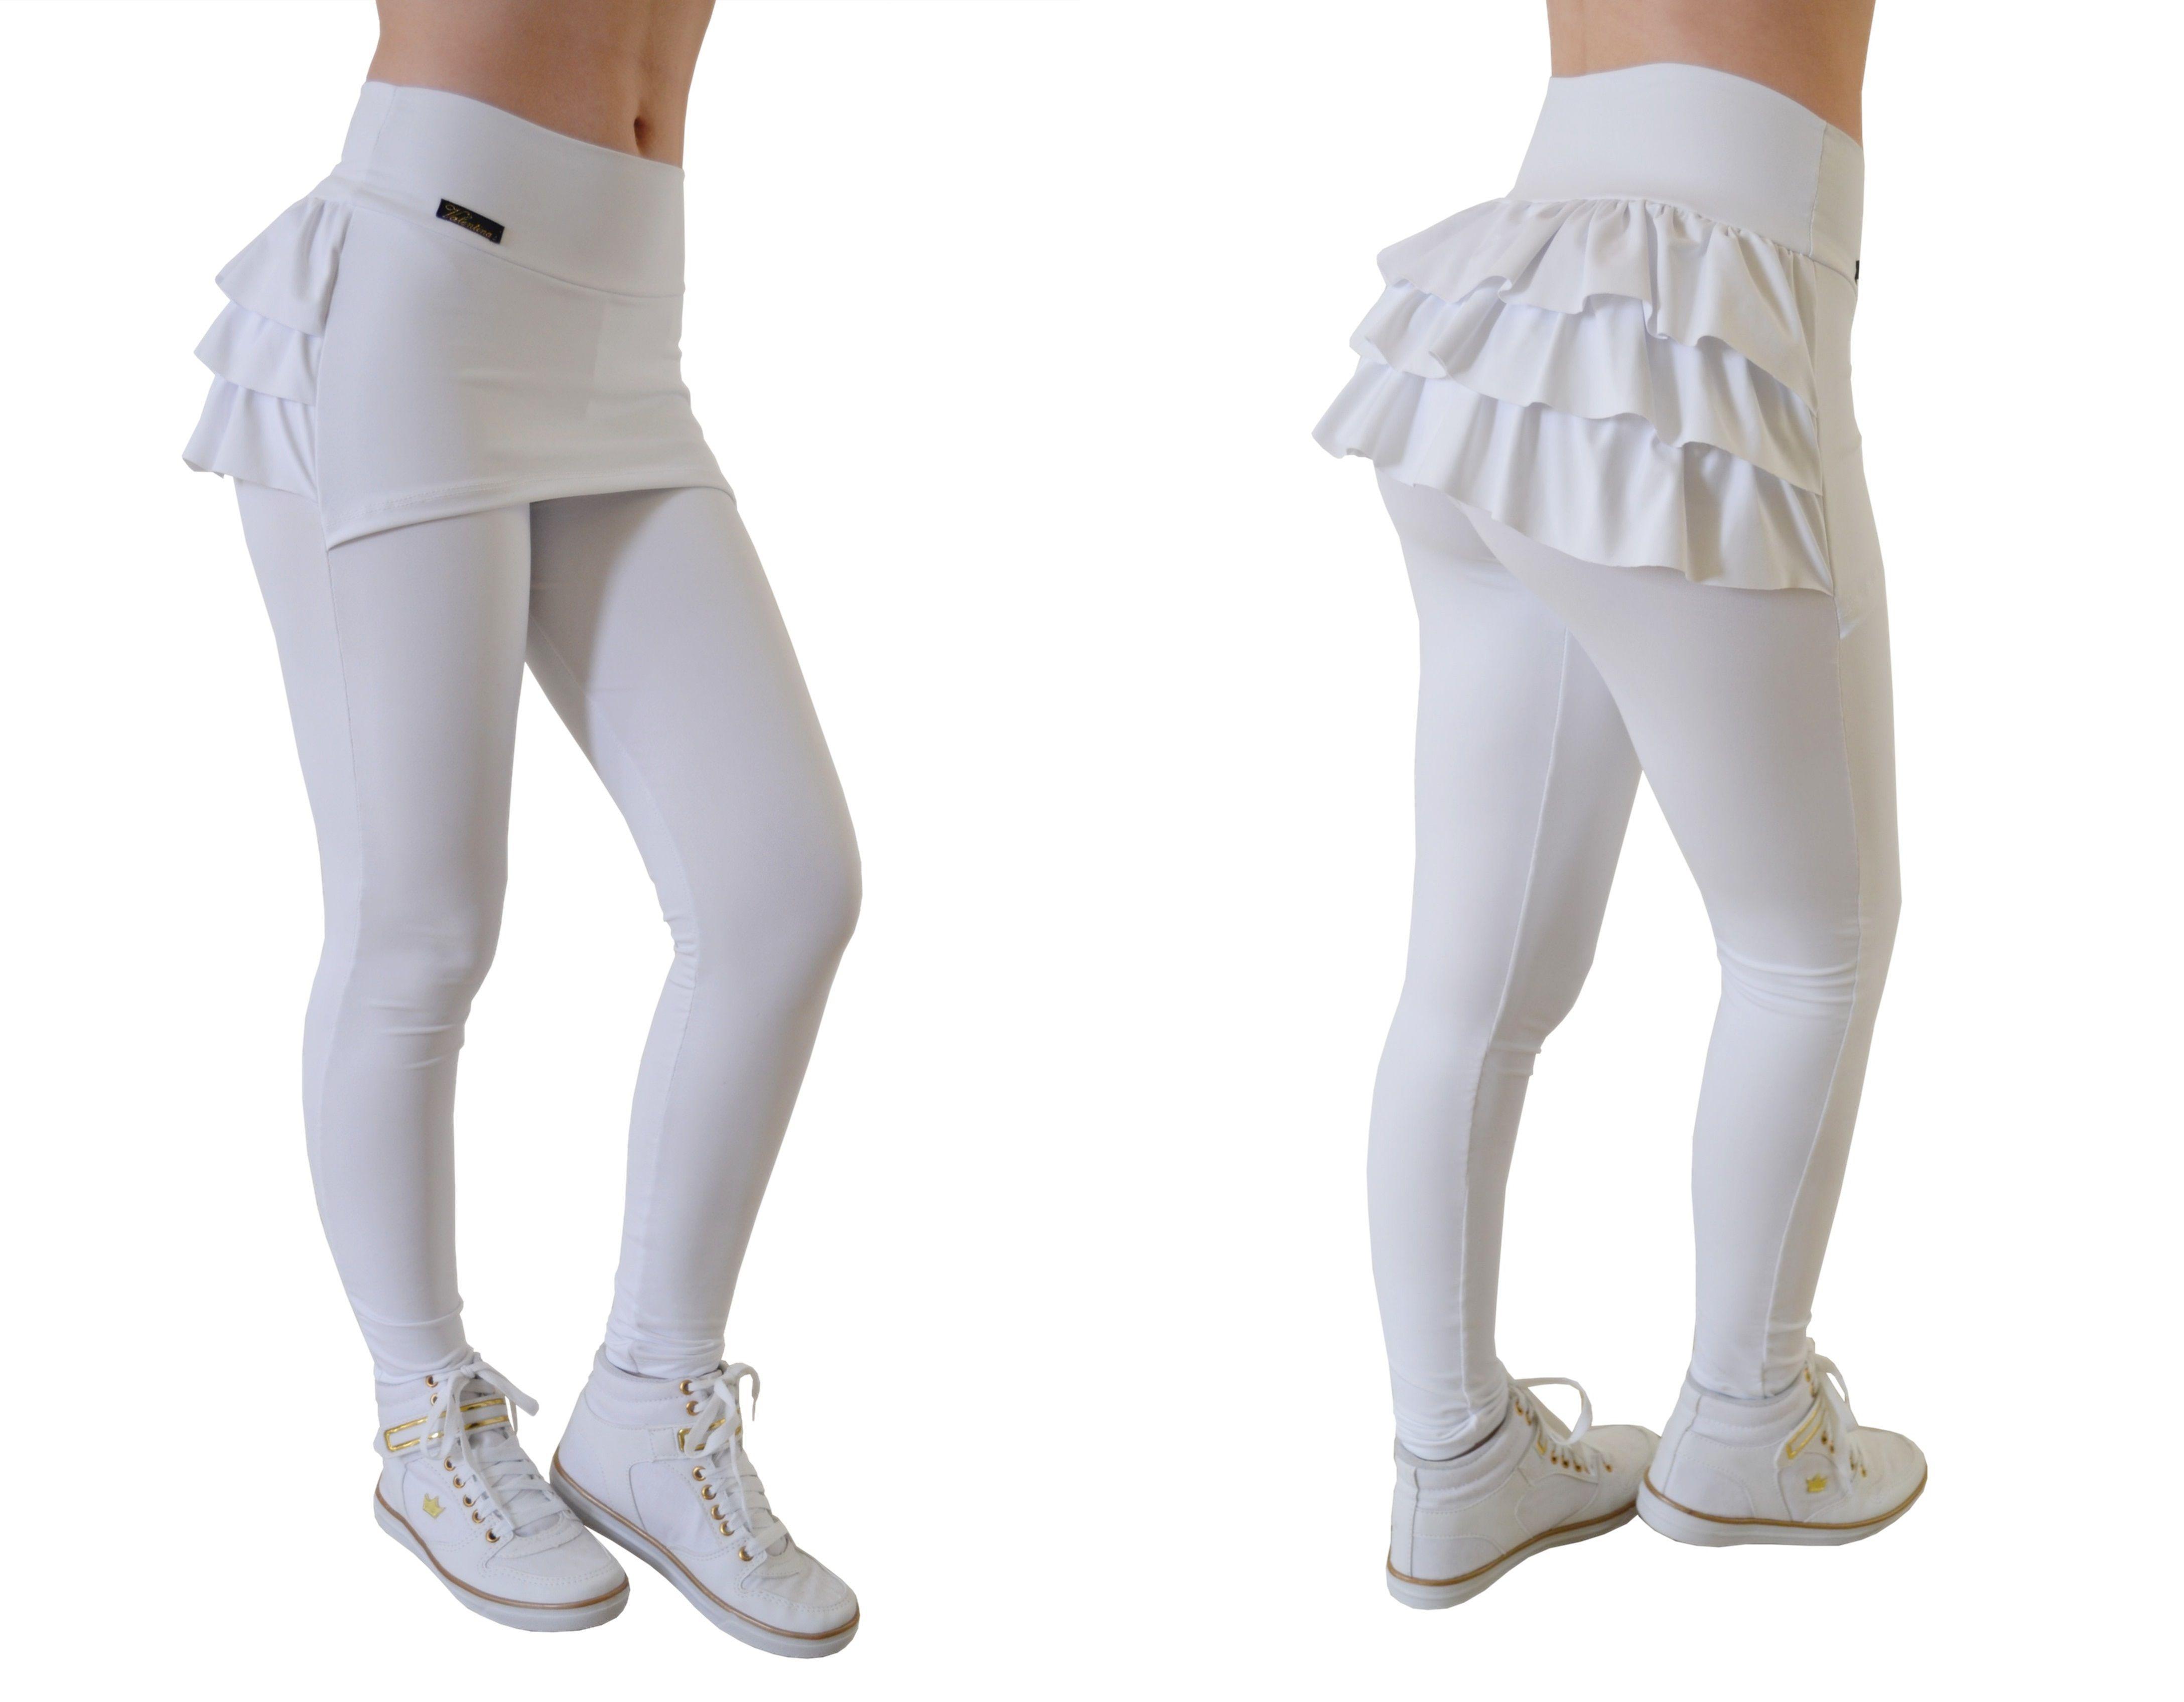 shorts saia 4c885e9e97e68